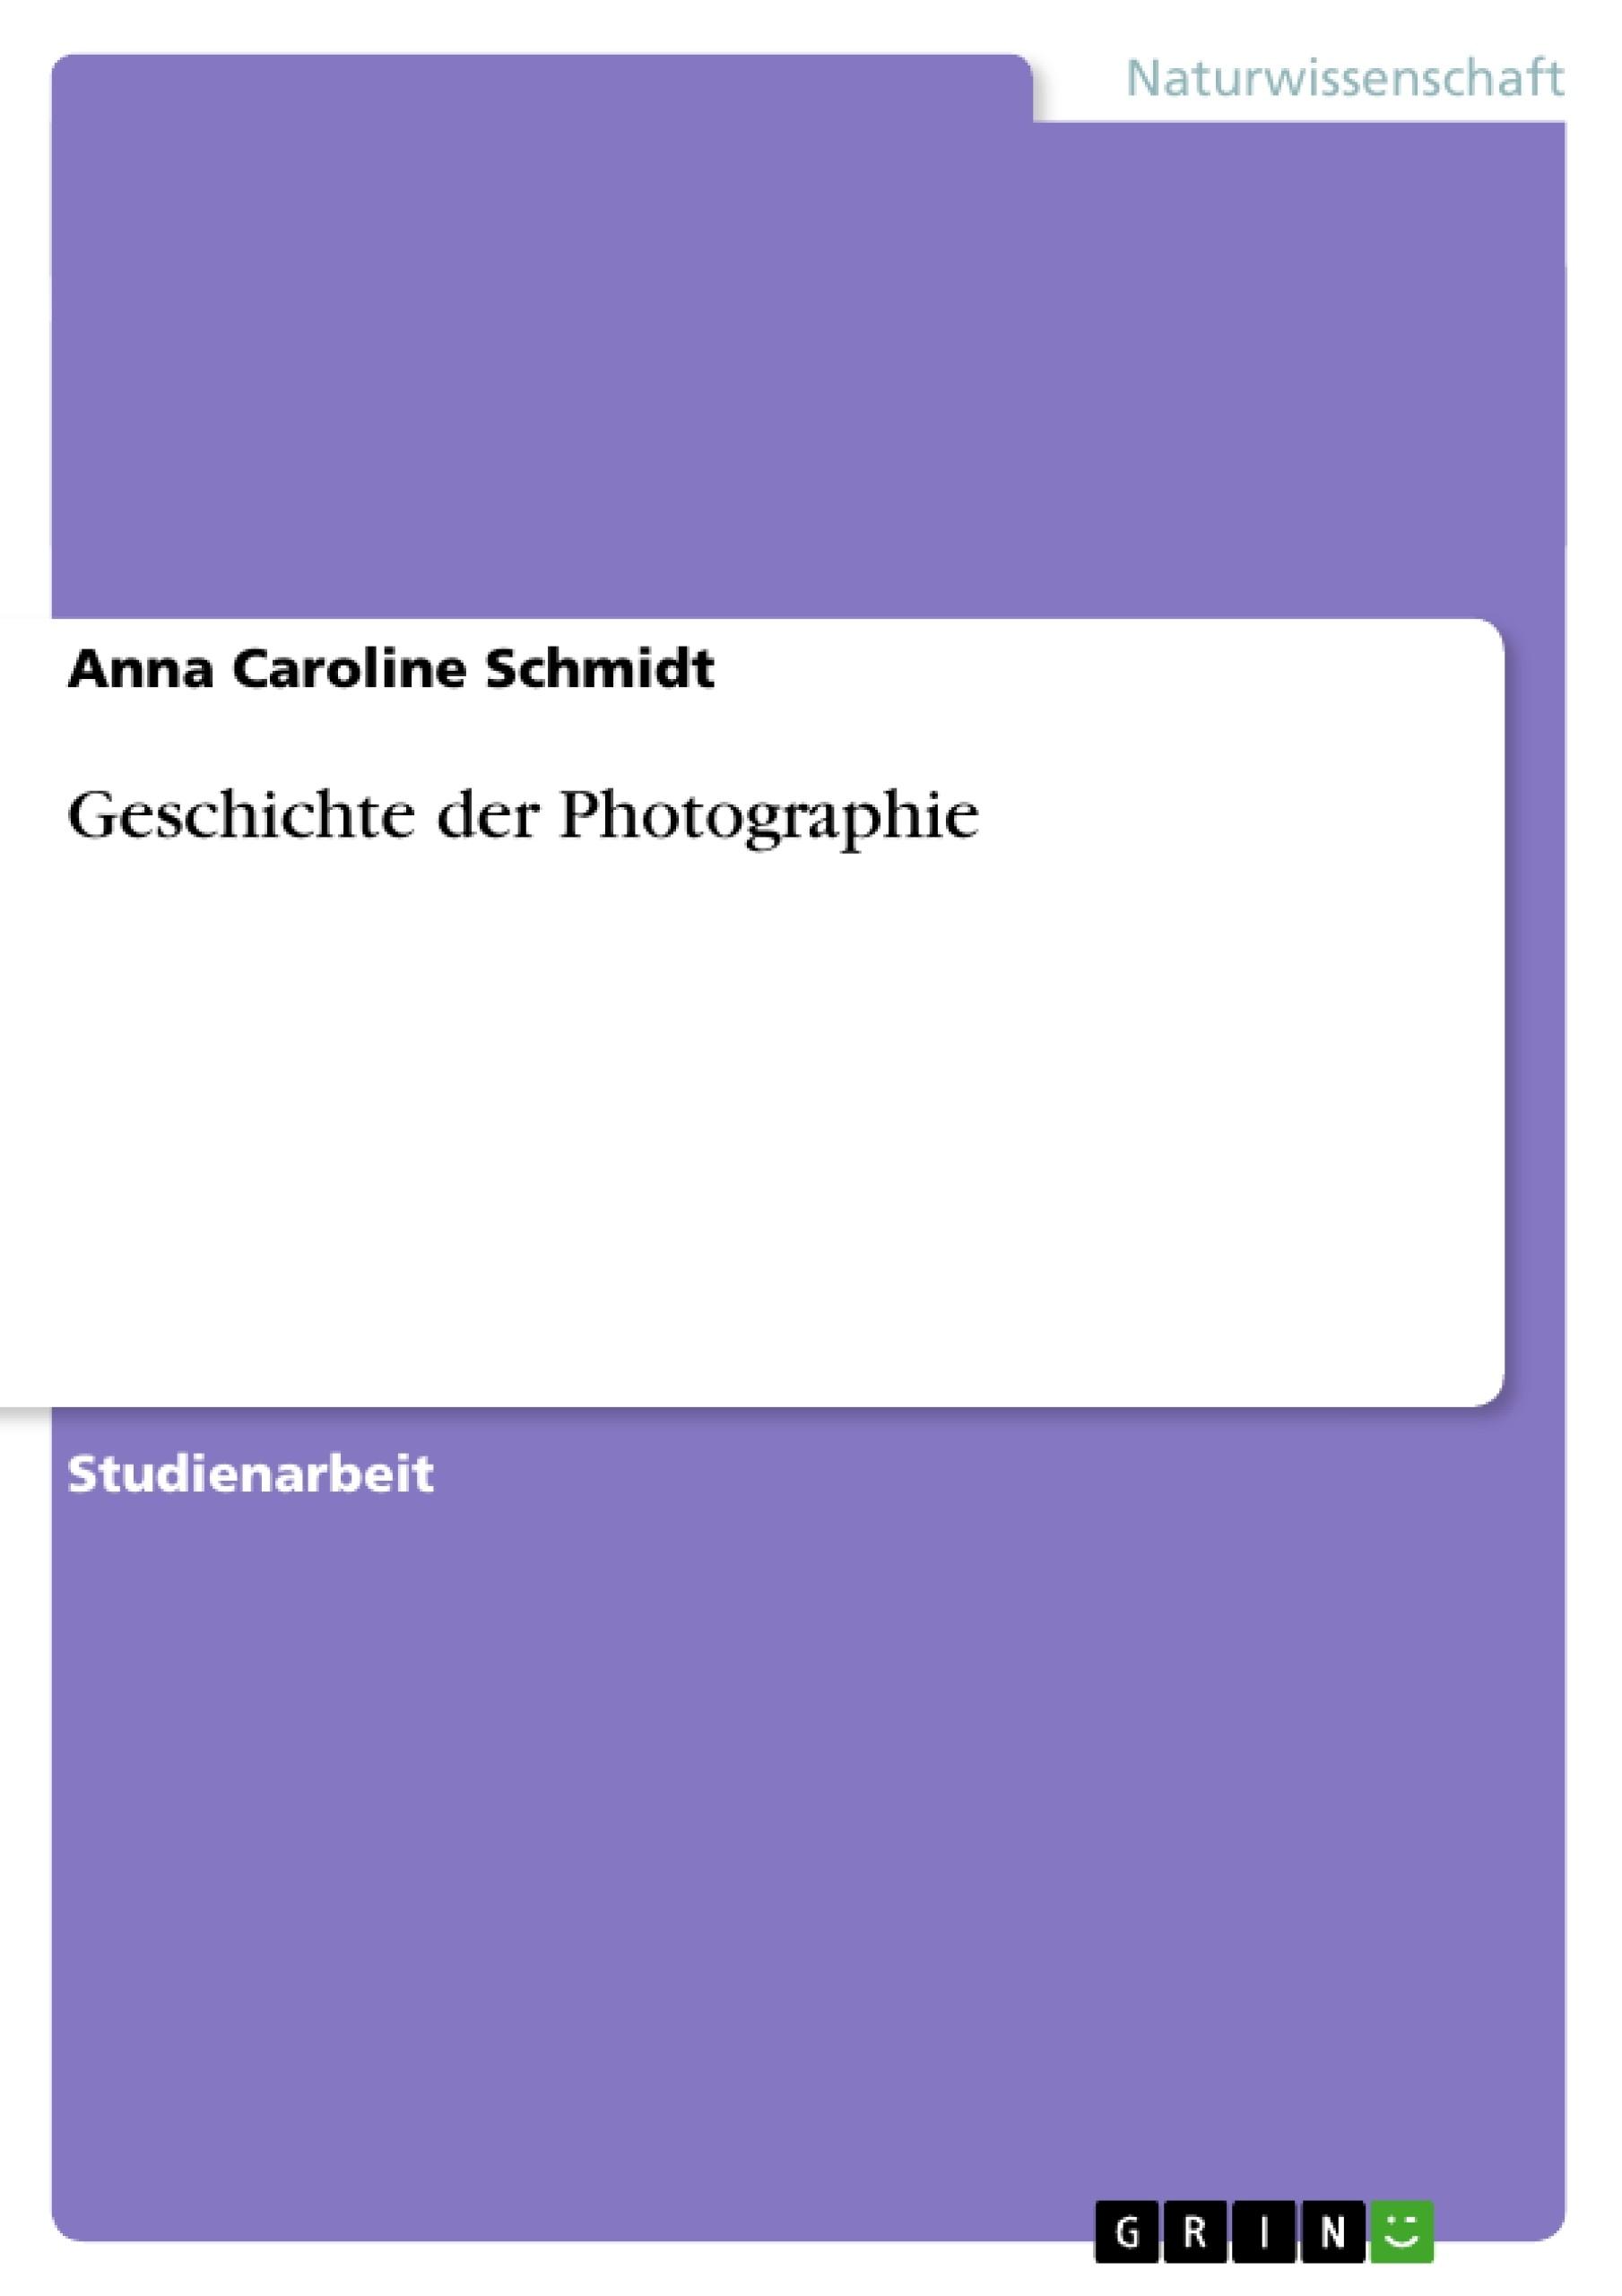 Titel: Geschichte der Photographie